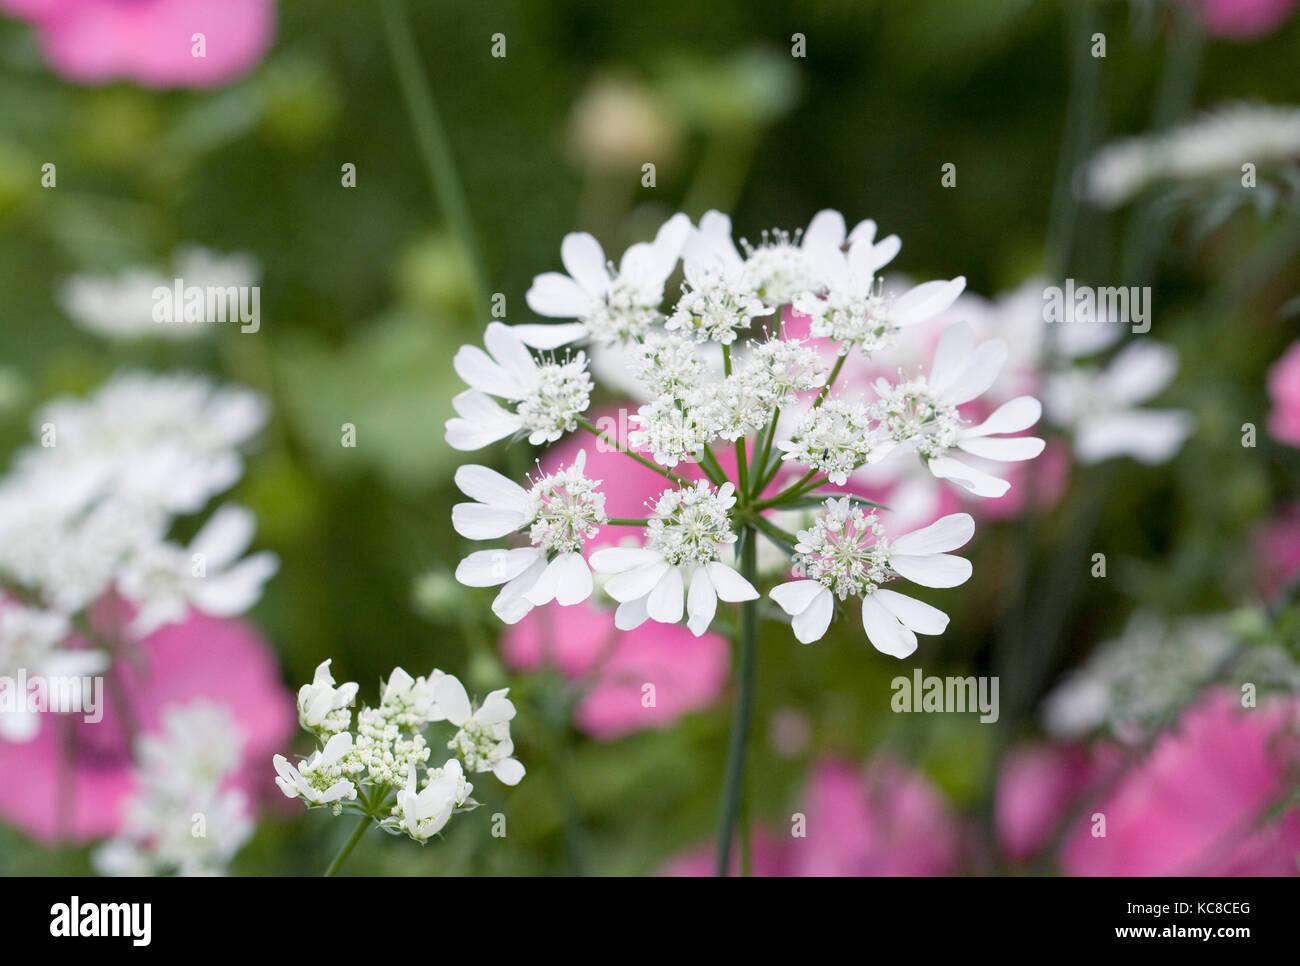 Orlaya grandiflora flowers. Stock Photo